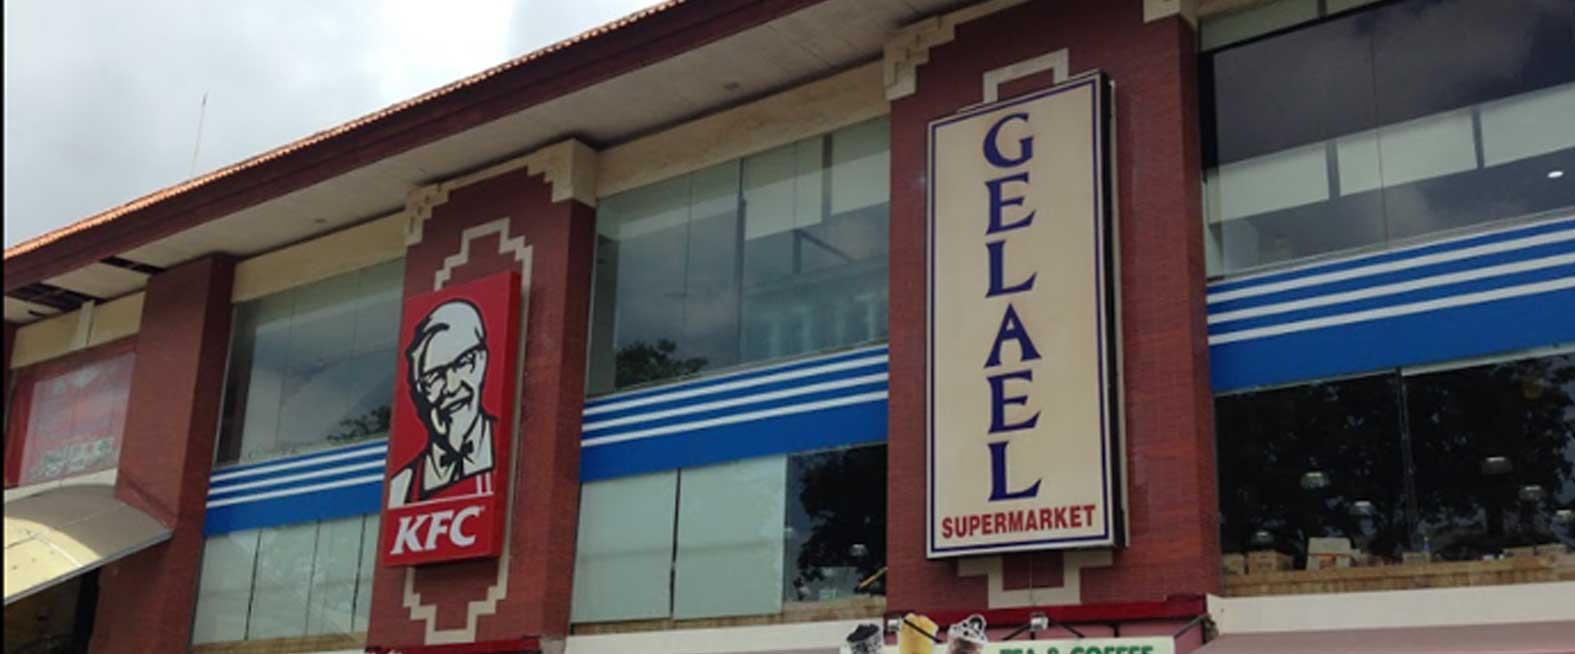 D'Gelael Supermarket - Bali